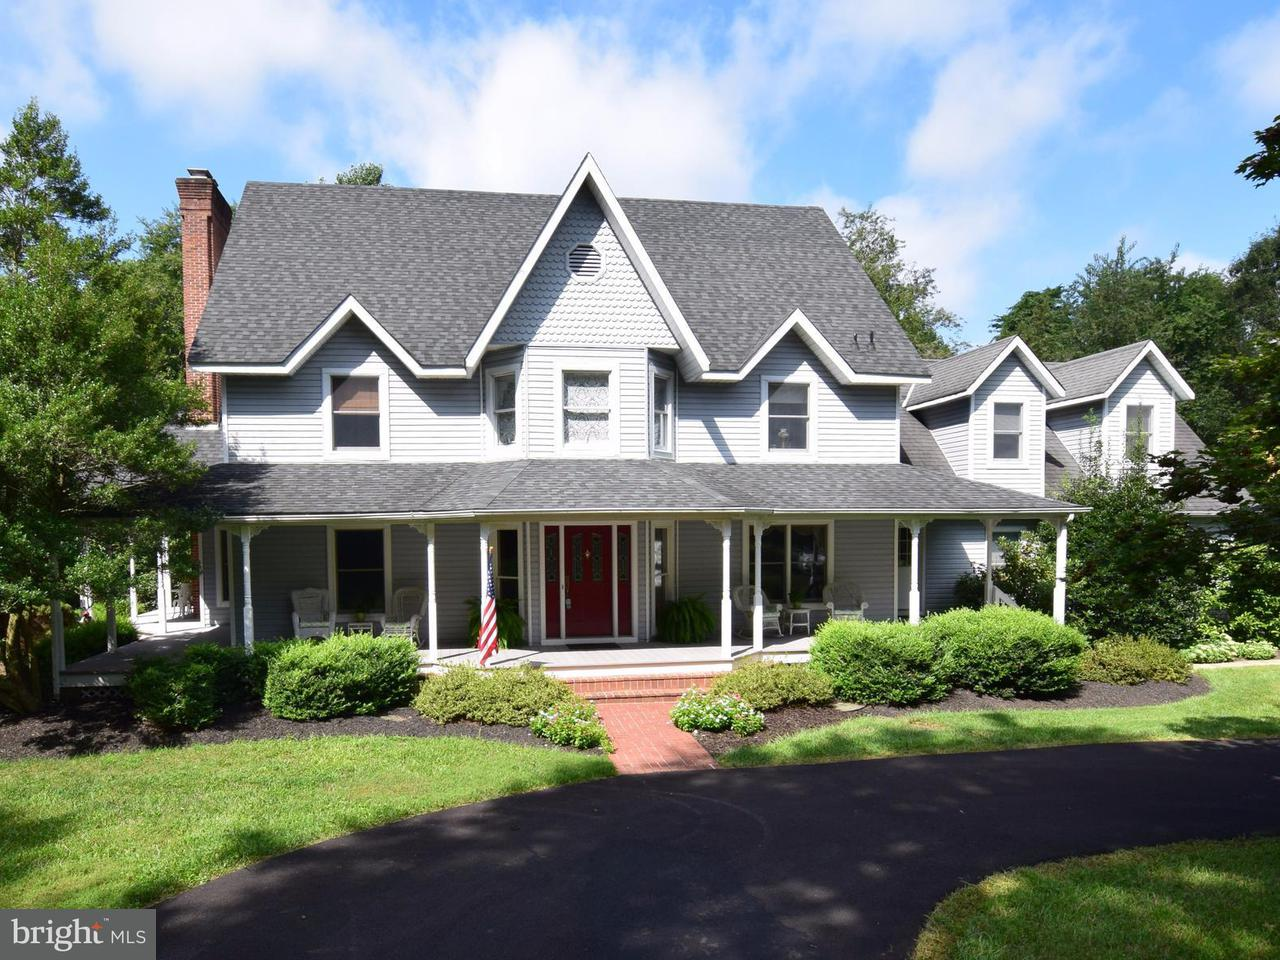 Частный односемейный дом для того Продажа на 14660 VIBURNUM Drive 14660 VIBURNUM Drive Dayton, Мэриленд 21036 Соединенные Штаты